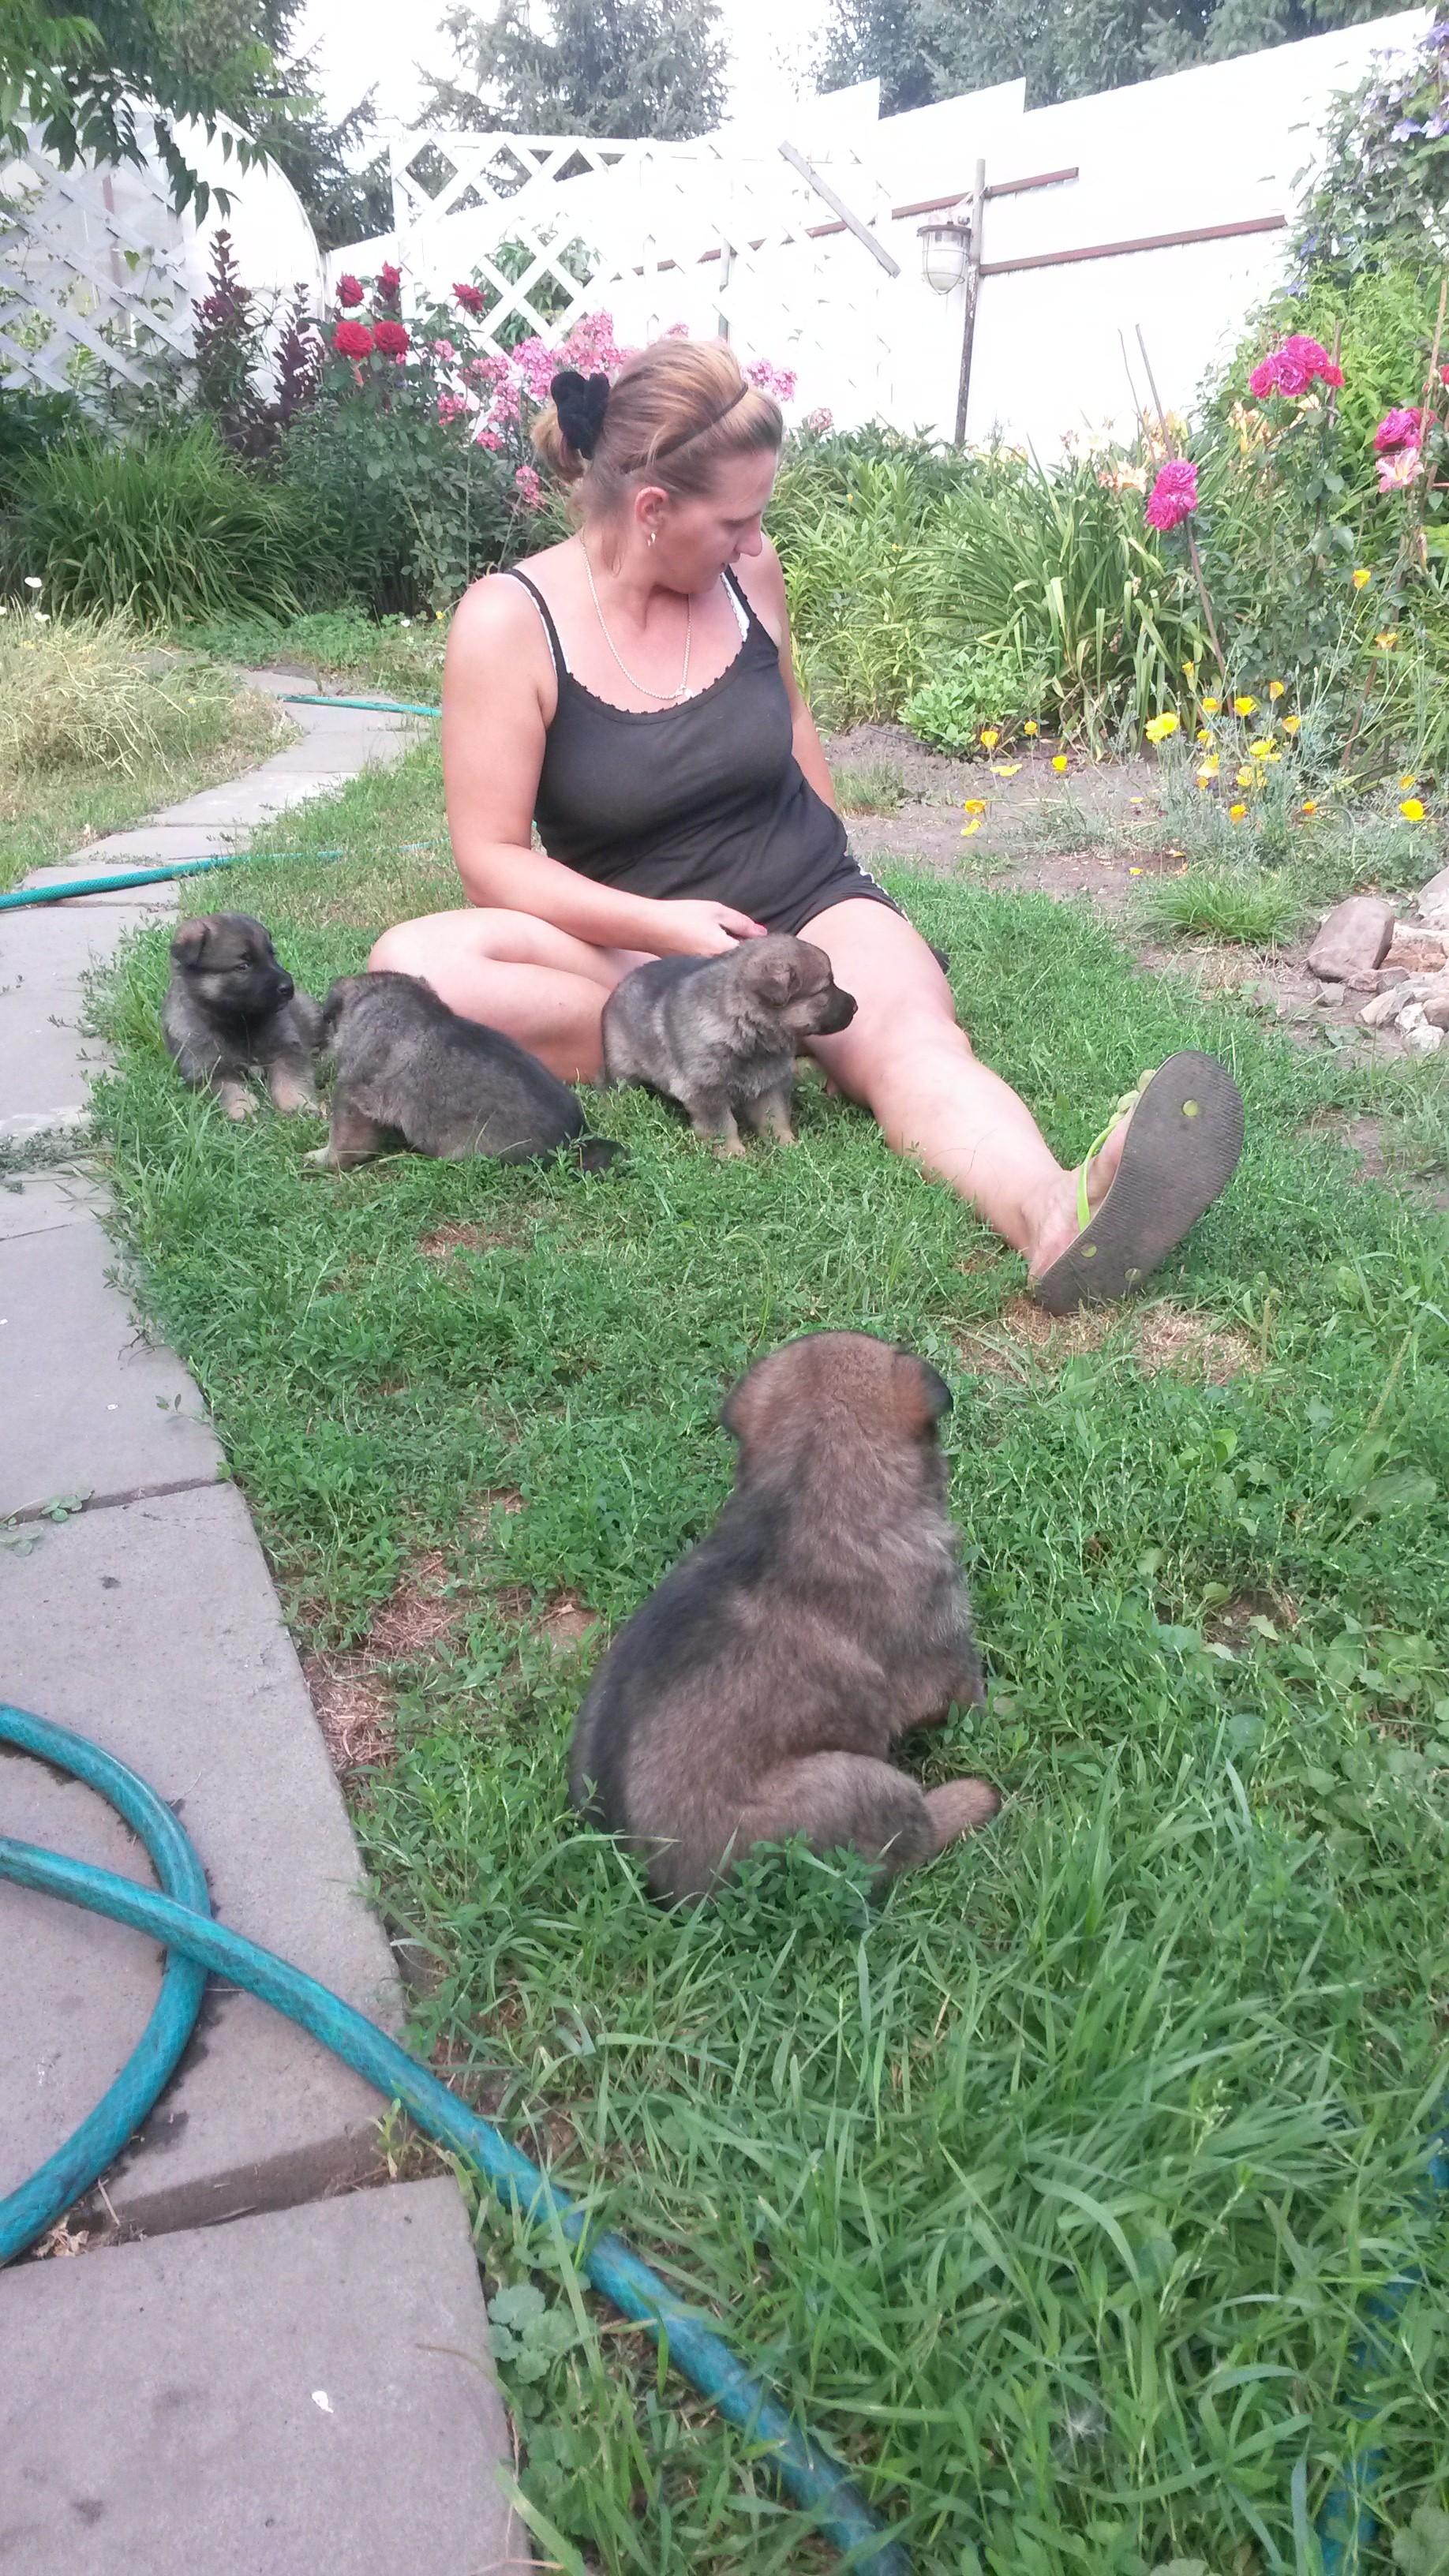 Домашние любимцы Кошки и Собаки 0919413001407140709